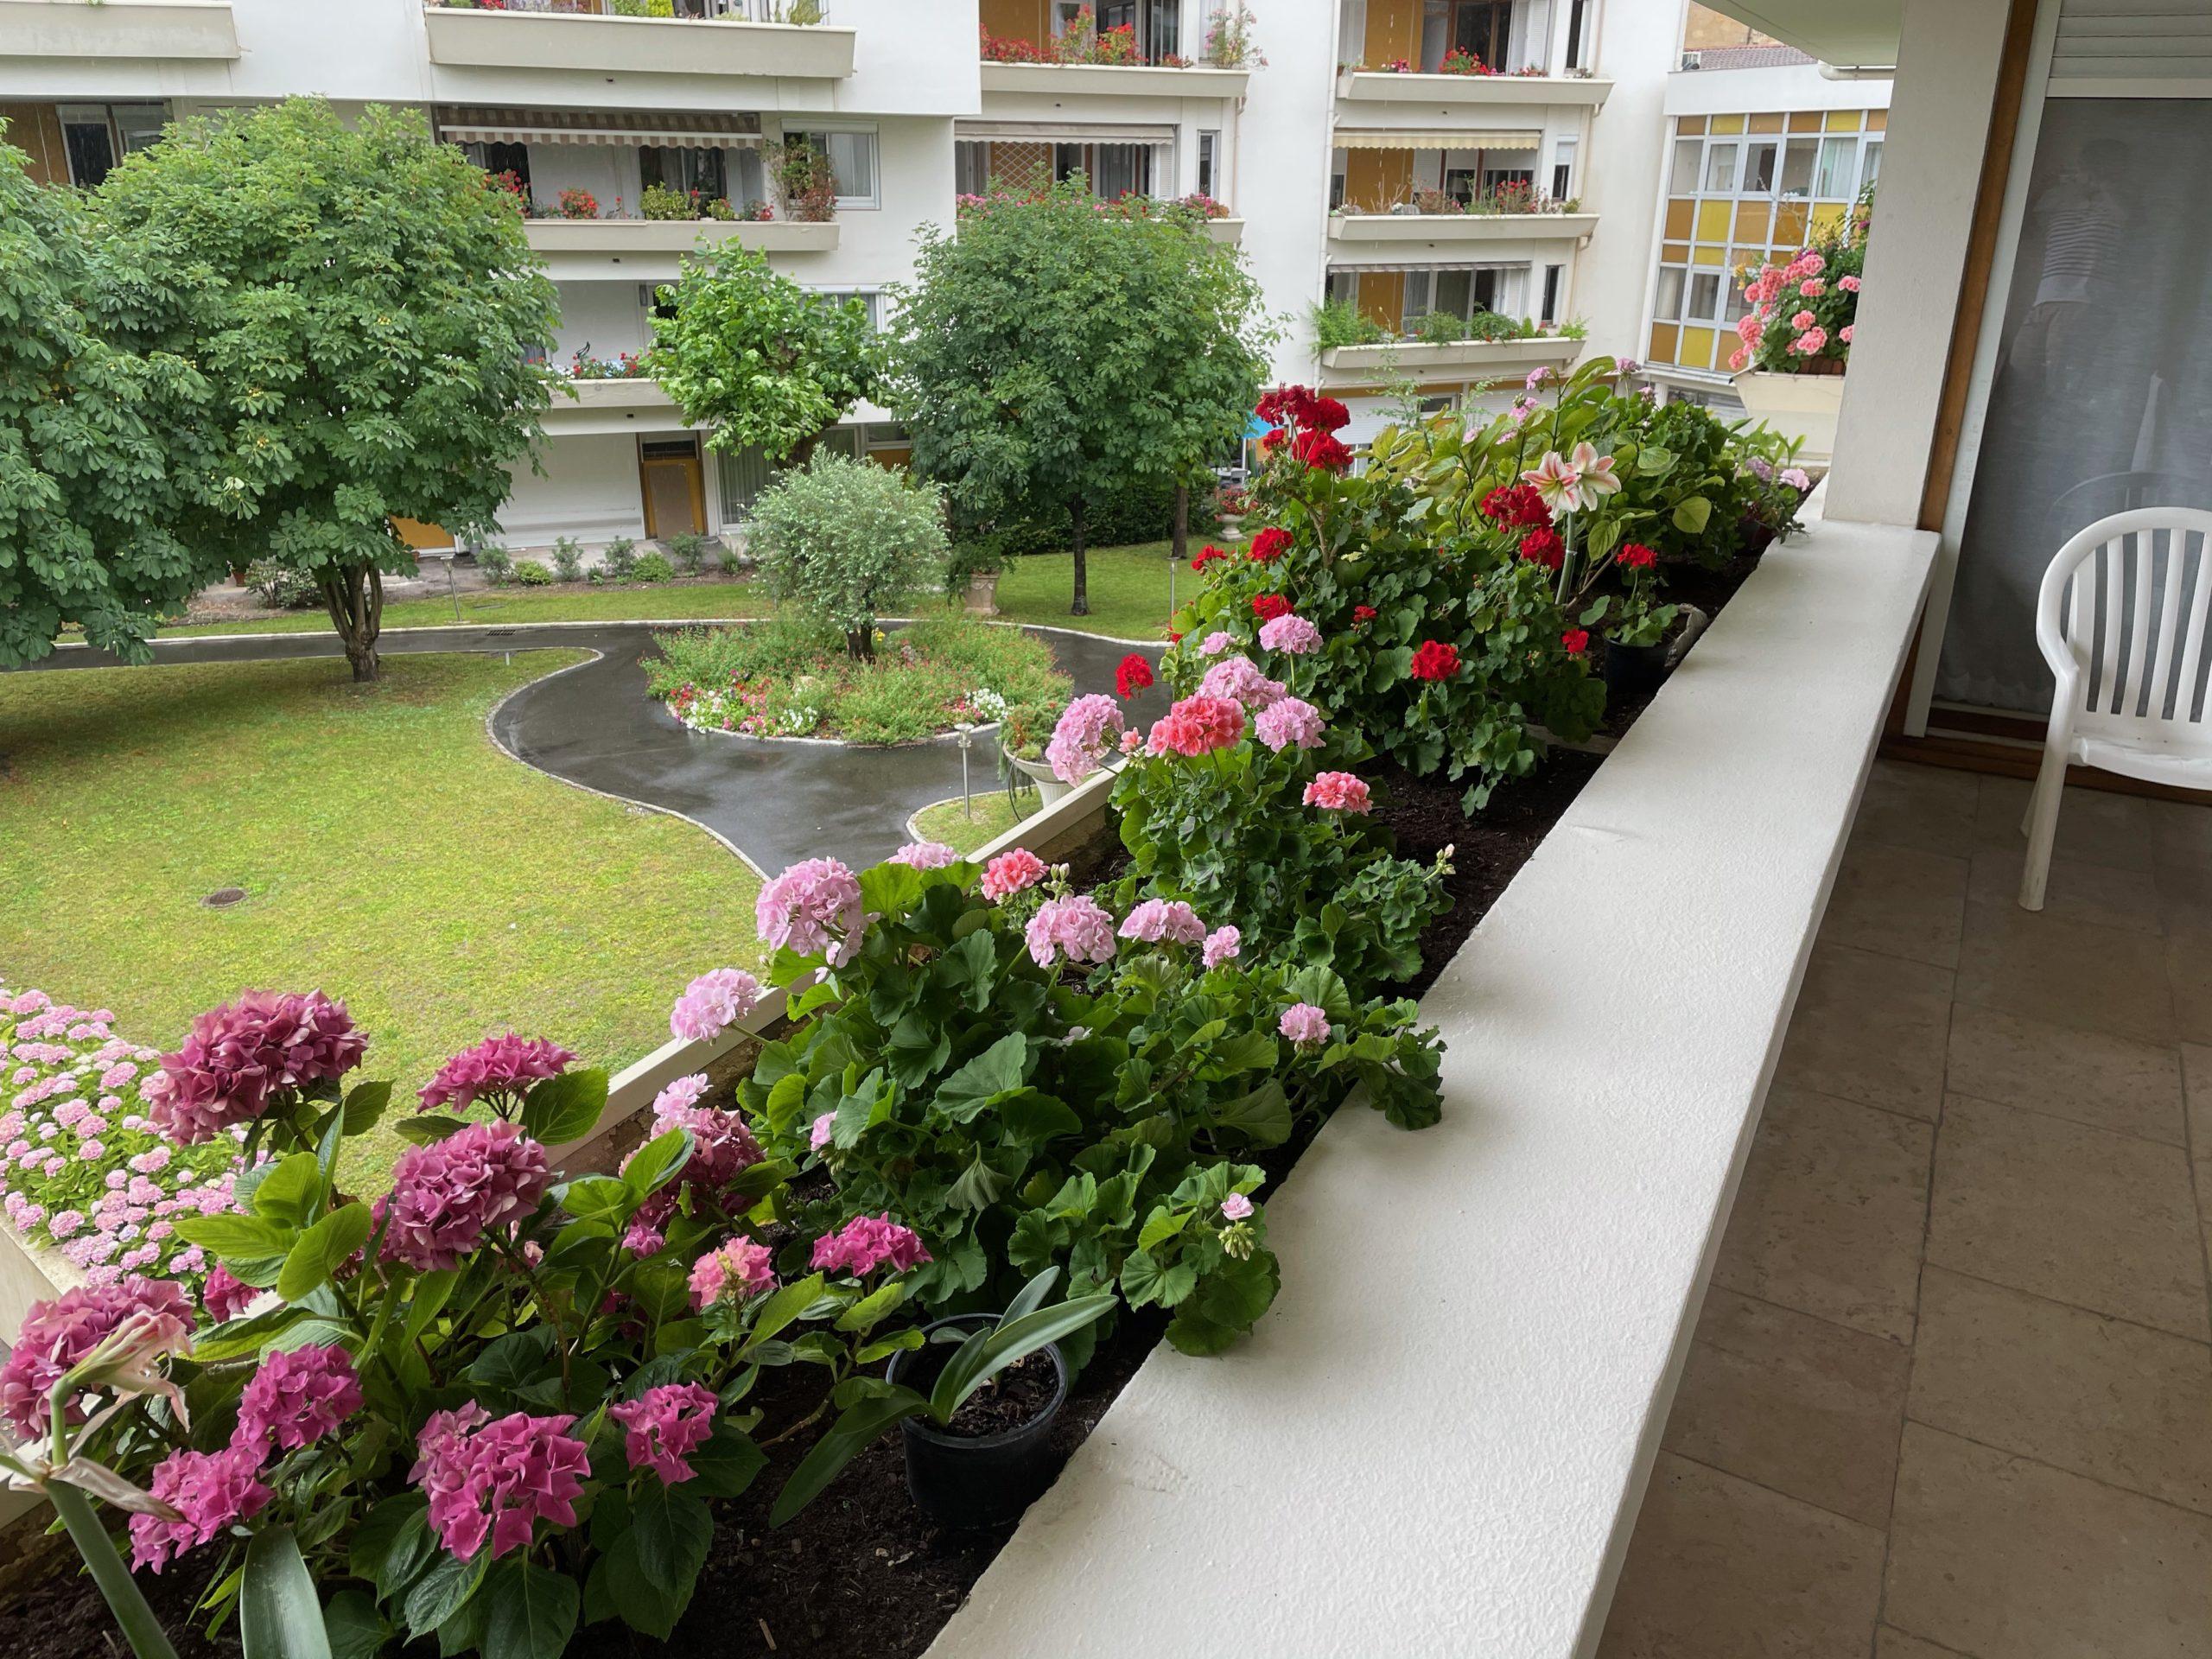 Les Jardins D&455.jpeg039;Arcadie Image3 455